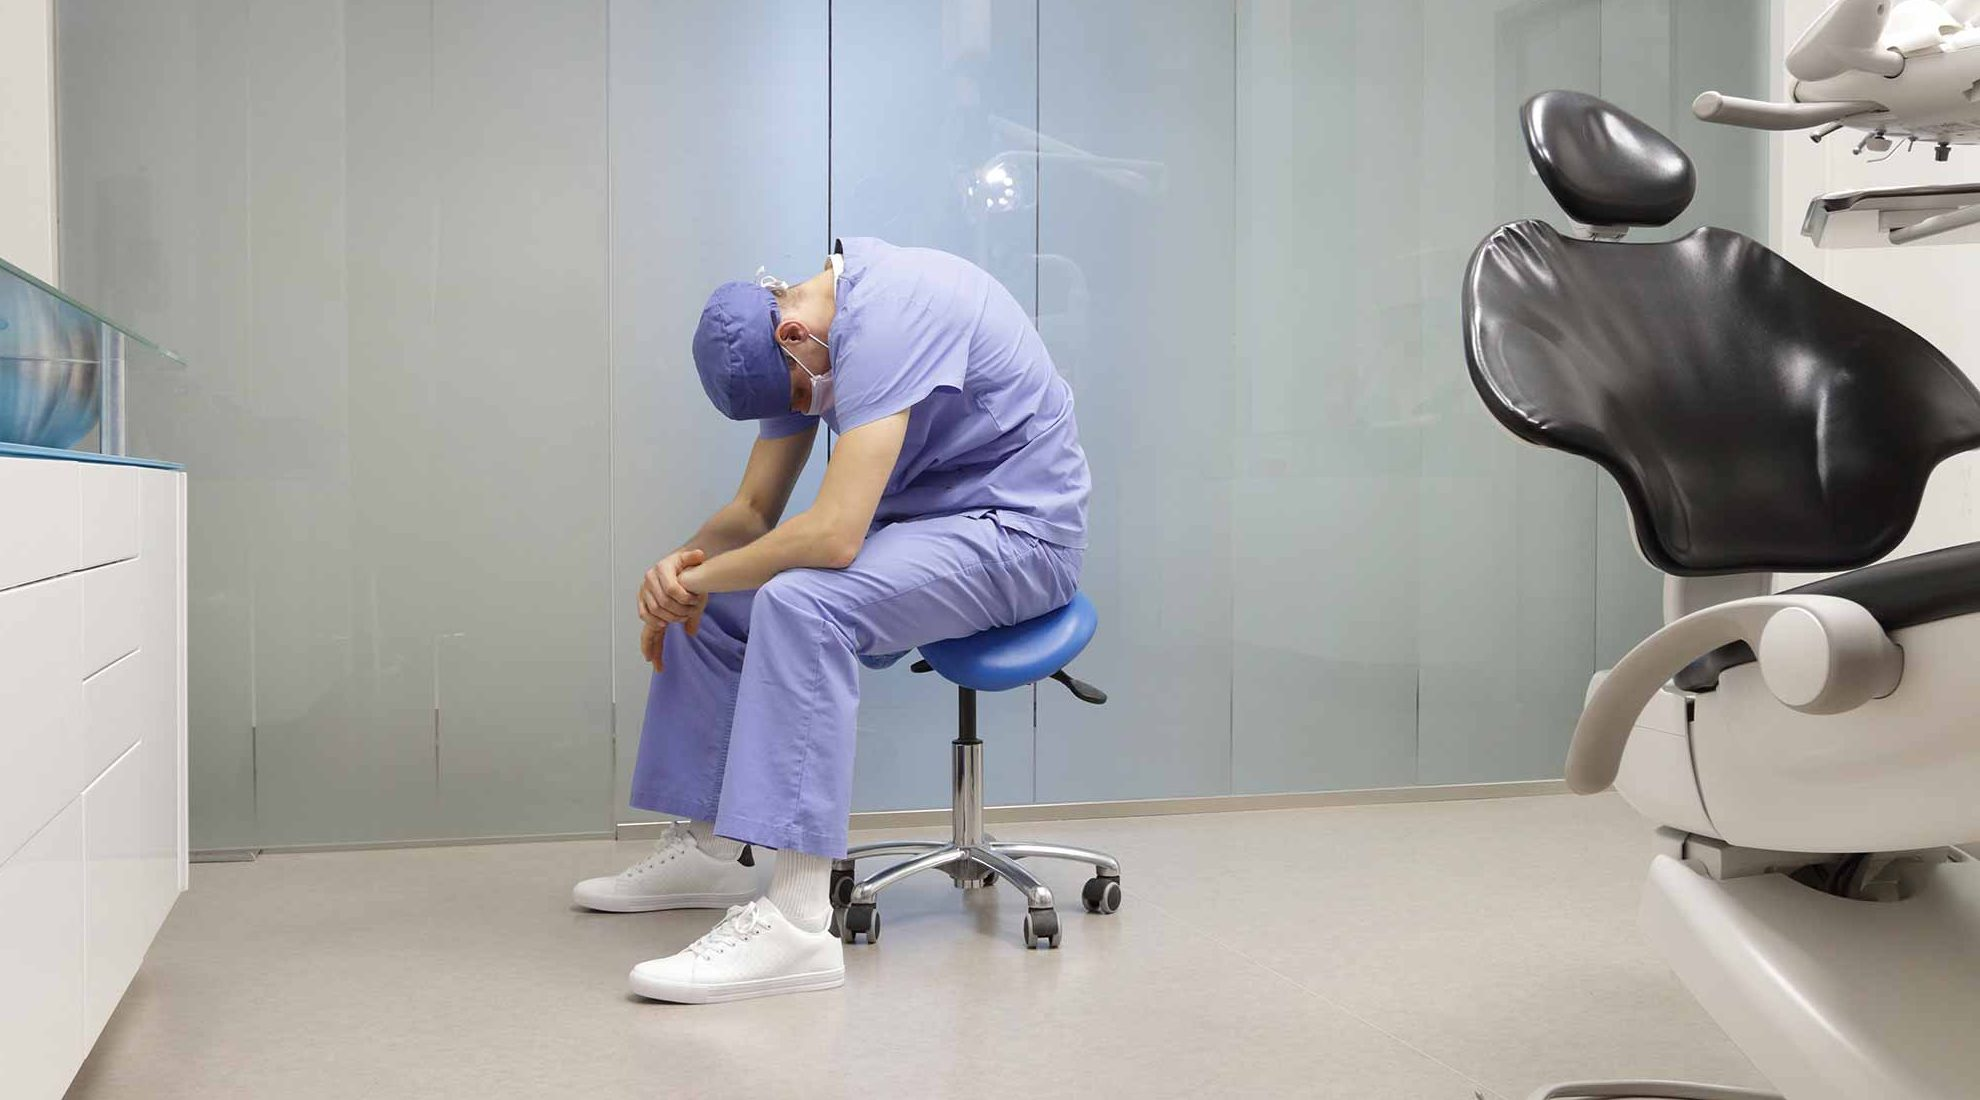 dentist at risk of burnout